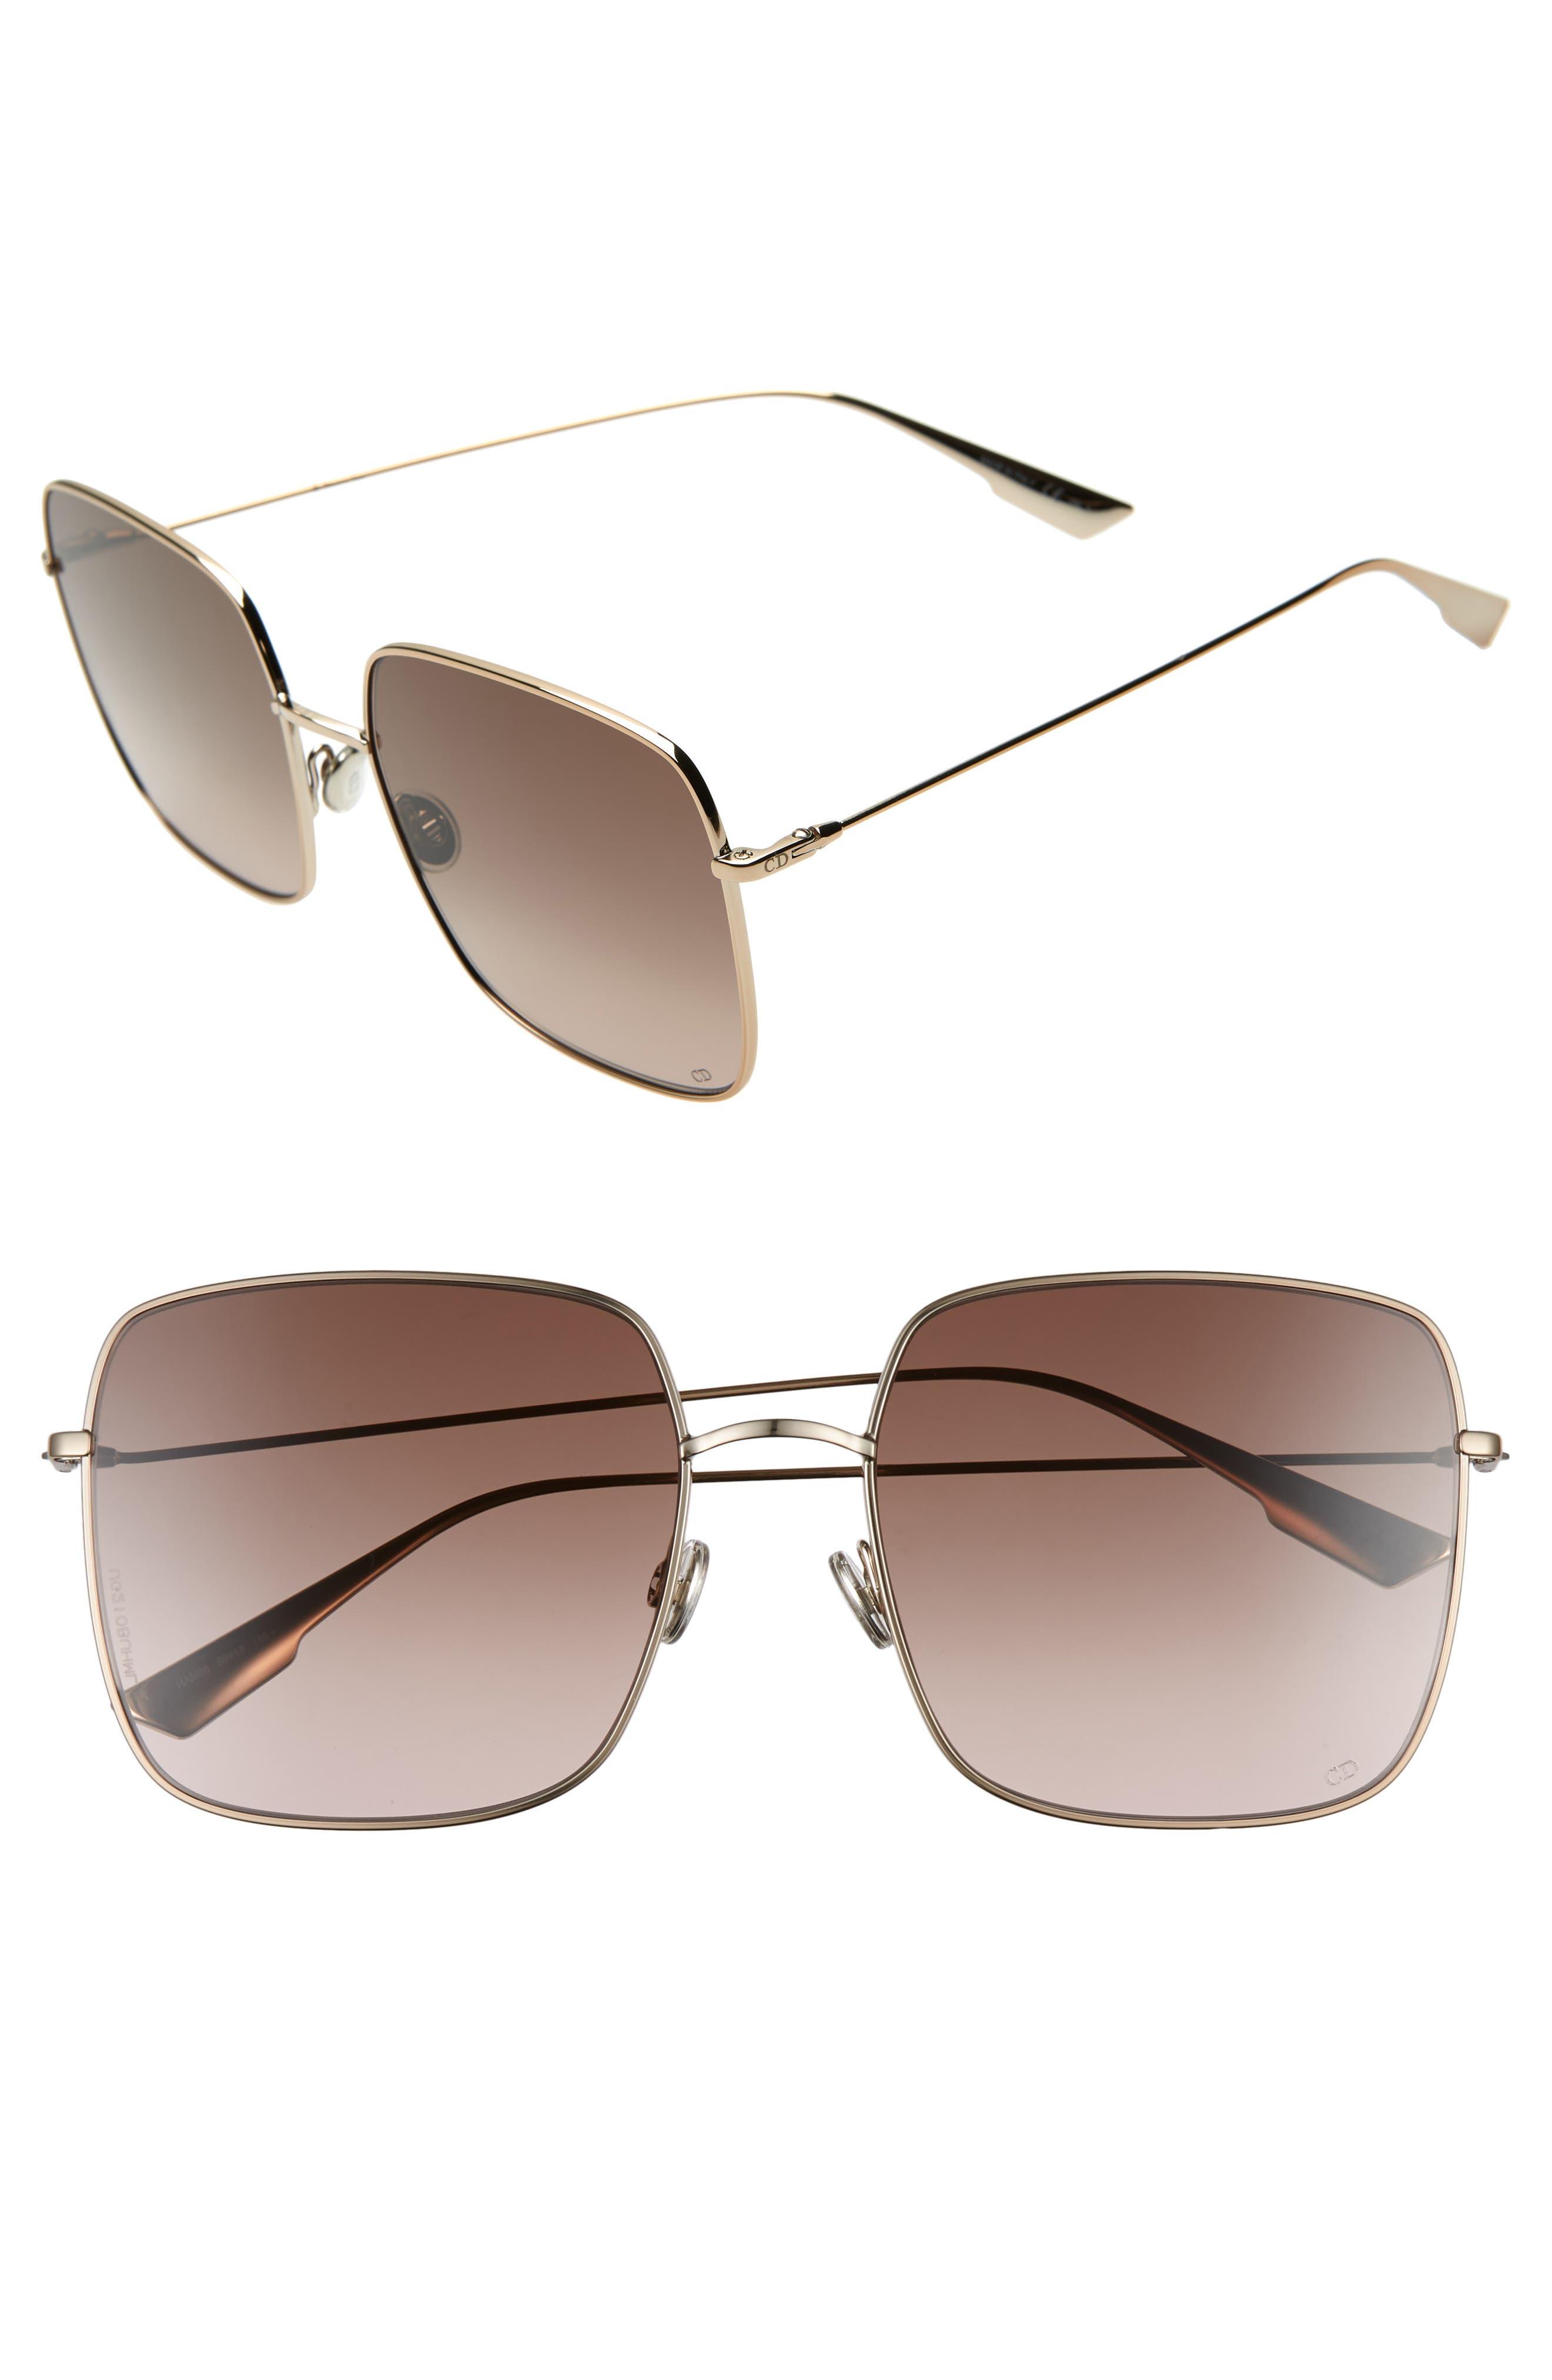 Stellaire 59mm Square Sunglasses, Main, color, CHAMPAGNE